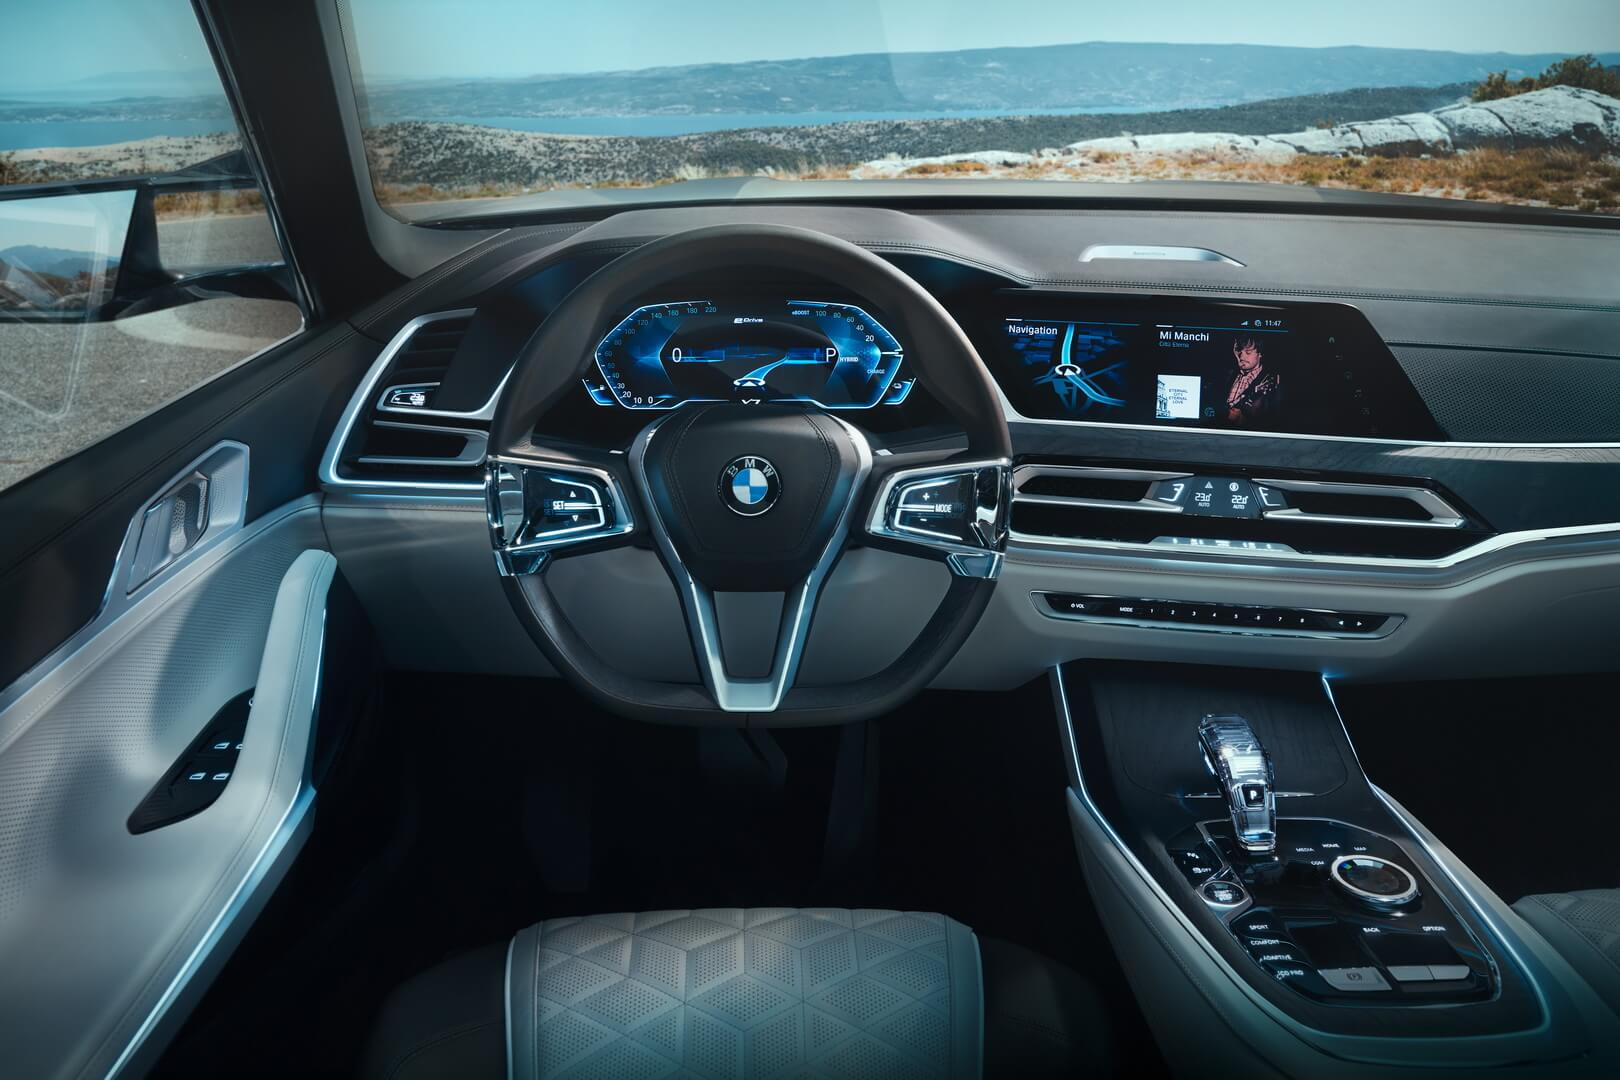 Приборная панель в BMW Concept X7iPerformance